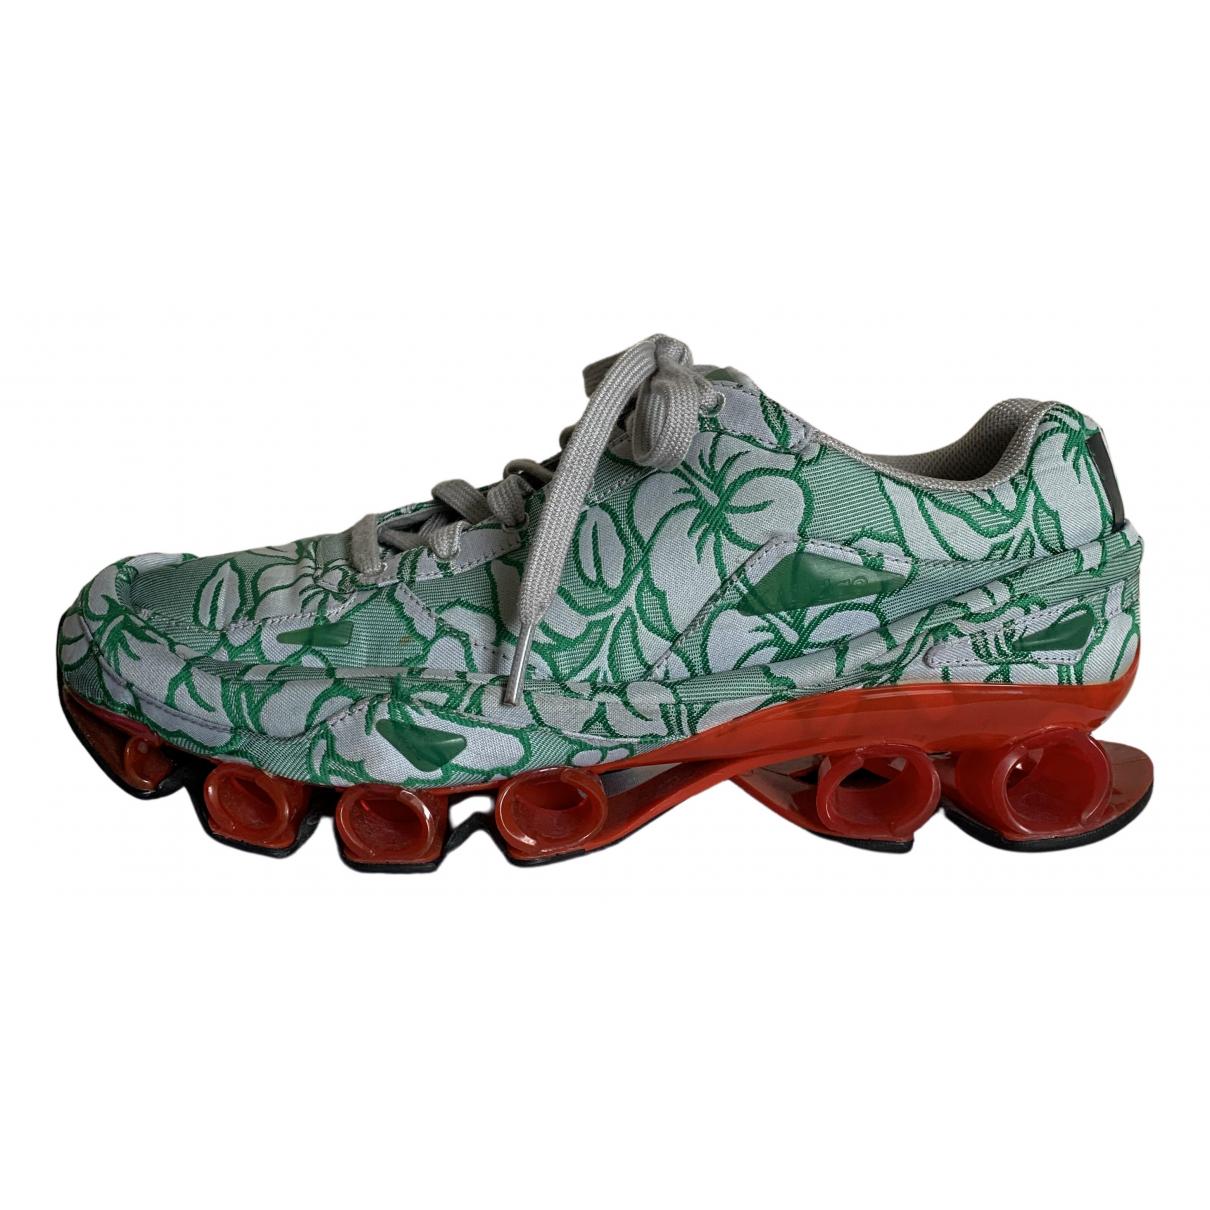 Adidas X Raf Simons - Baskets   pour homme en toile - vert